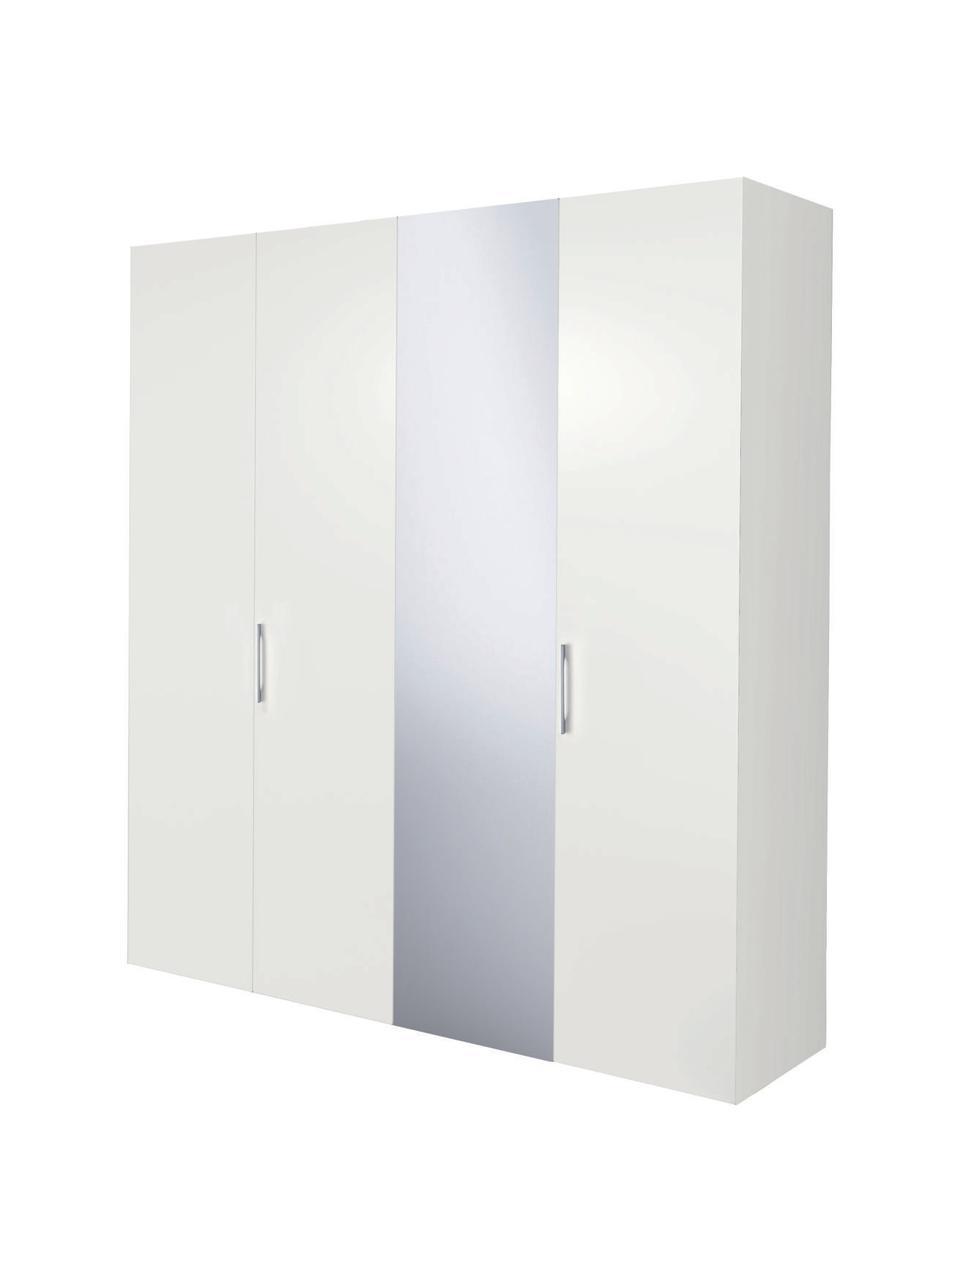 Kleiderschrank Madison mit Spiegeltür in Weiß, Korpus: Holzwerkstoffplatten, lac, Weiß, 202 x 230 cm